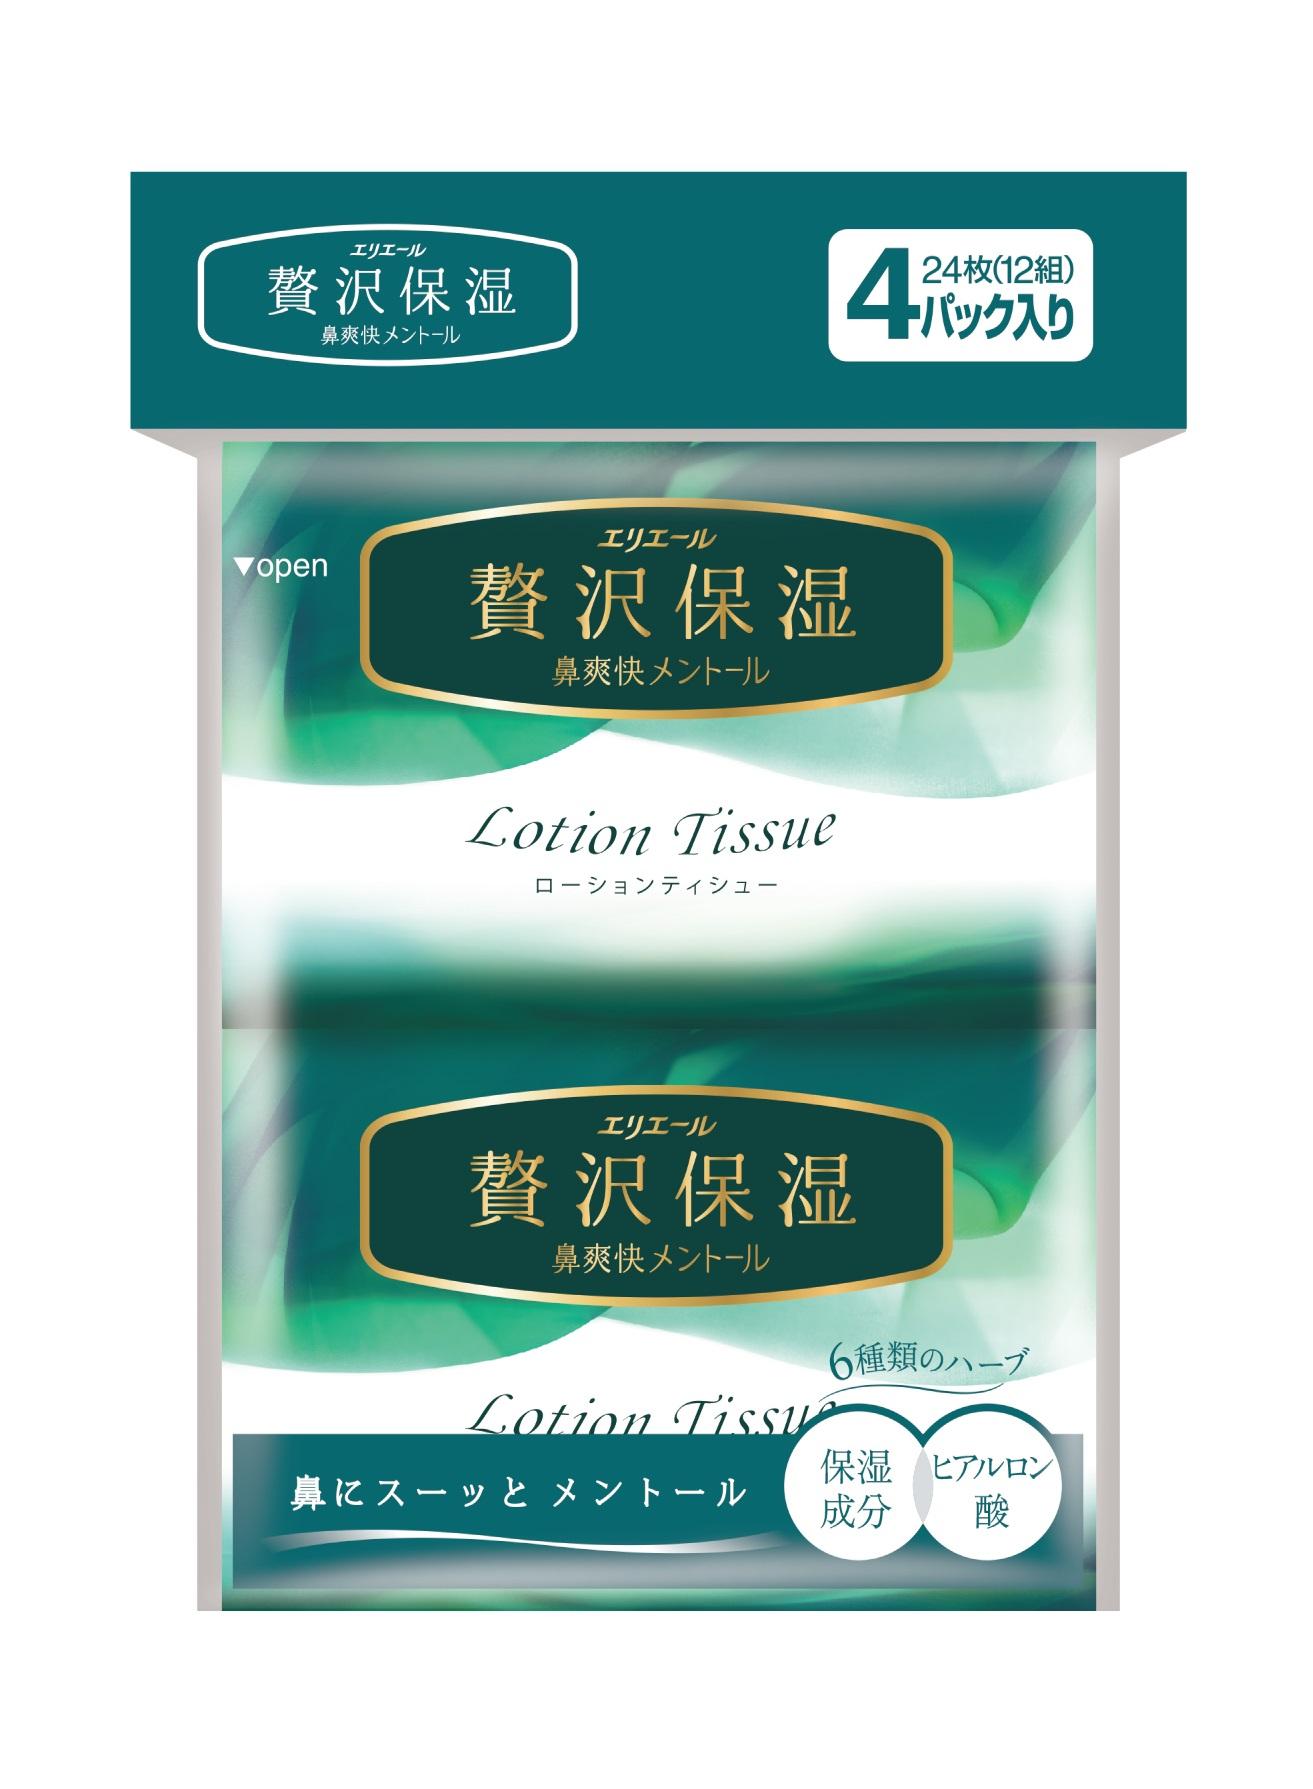 Салфетки Elleair (Элеар) бумажные неароматизированные Lotion Tissue Lotion Tissue с растительным экстрактом и увлажняющими компонентами 4 уп. по 12 шт.